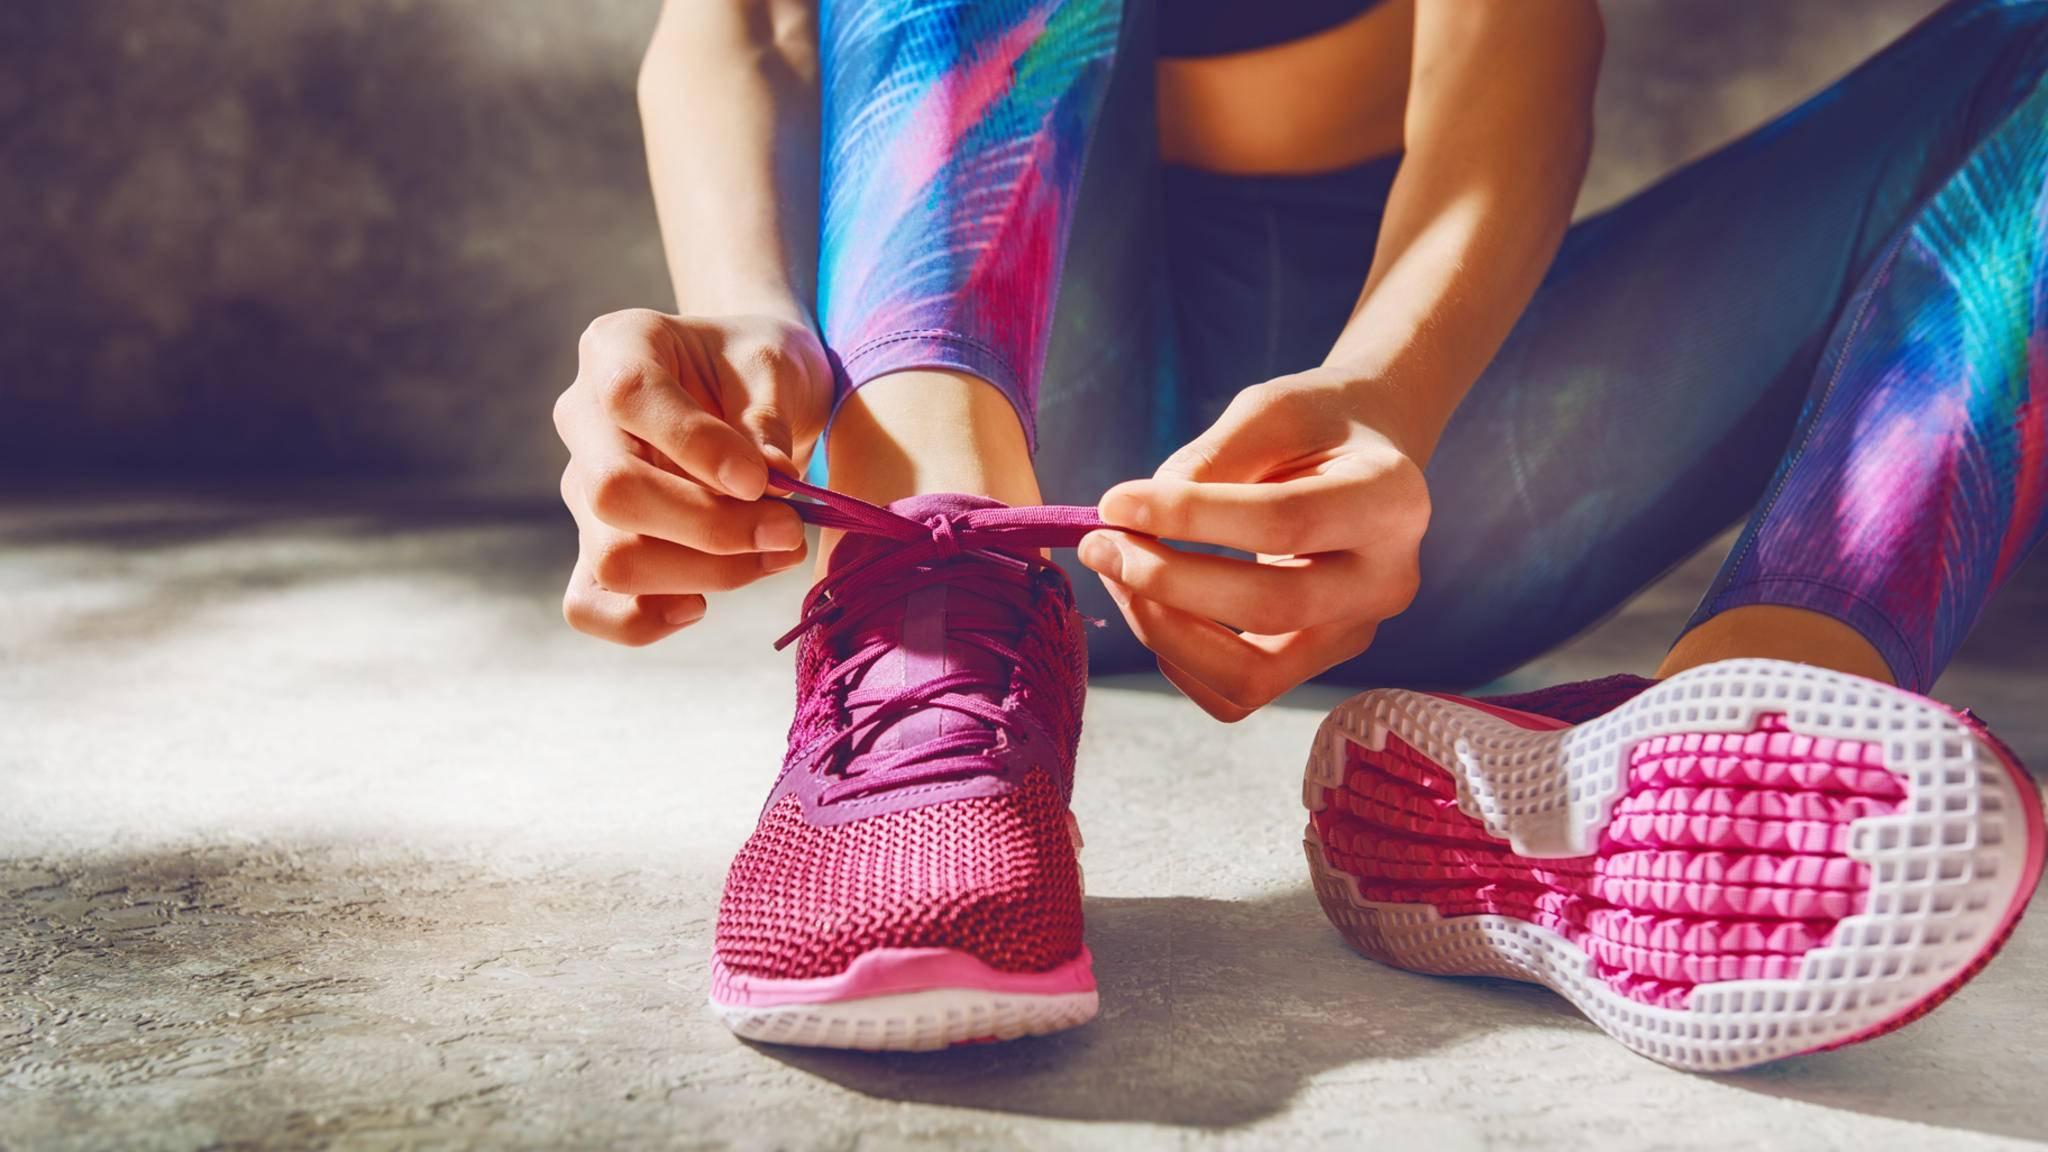 Smart Schuhe könnten erkennen, ob Du zugenommen hast.